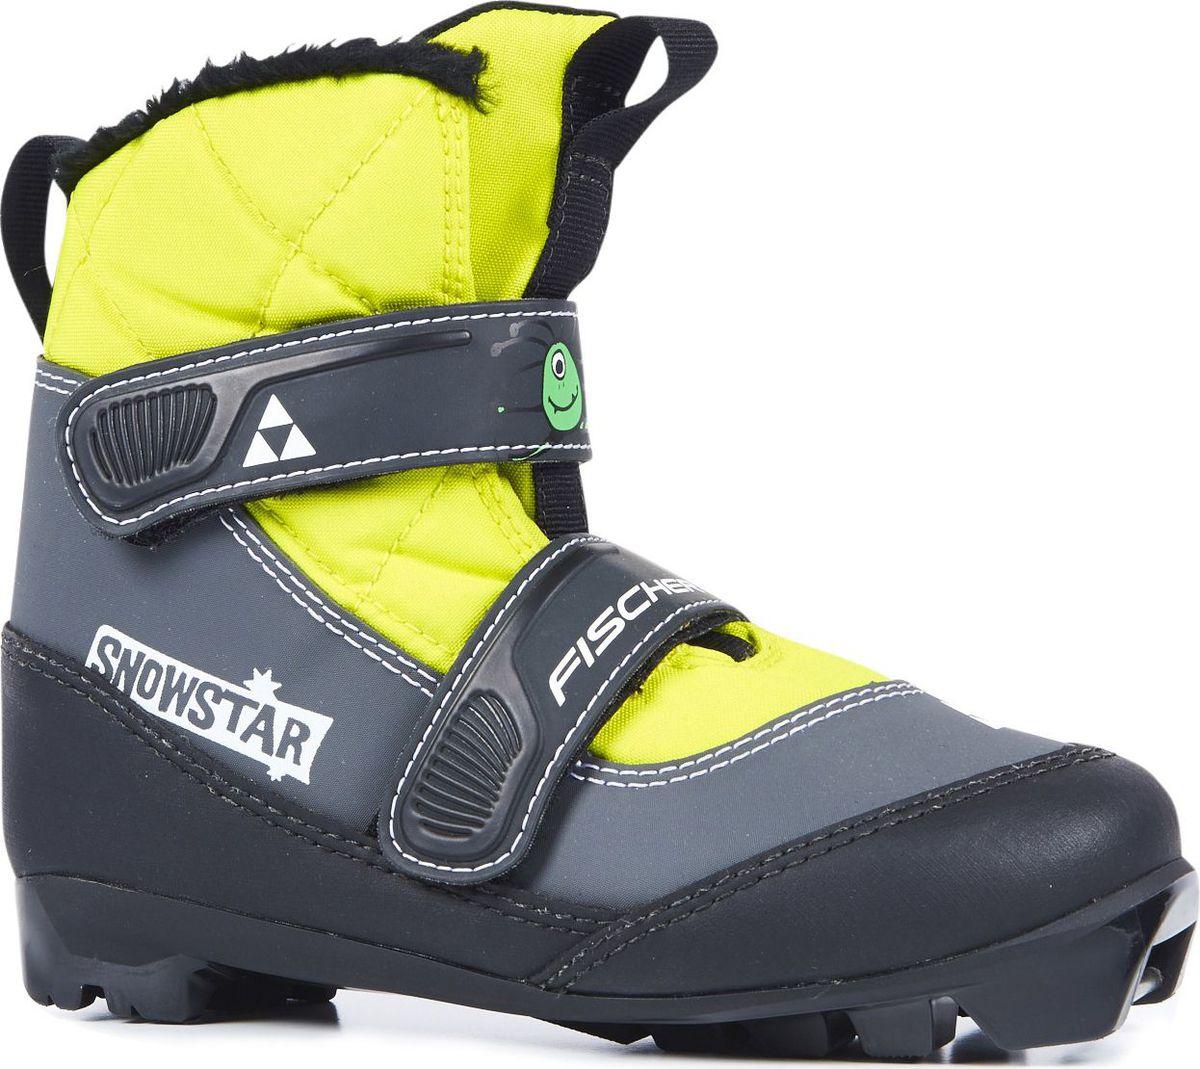 Ботинки лыжные для мальчика Fischer Snowstar, цвет: желтый. S41017. Размер 28S41017Лыжные ботинки Fischer Snowstar - модель для самых маленьких лыжников. Комфортная мягкая подошва, водоотталкивающий утеплитель Comfort Guard дополнительно защищает от холода и влаги, удобная застежка-липучка облегчает надевание. В ботинках удобно не только кататься, но и гулять, играть.Преимущества для потребителей:- Удобно надевать и снимать.- Очень теплые.- Подходят для катания и игр на снегу.